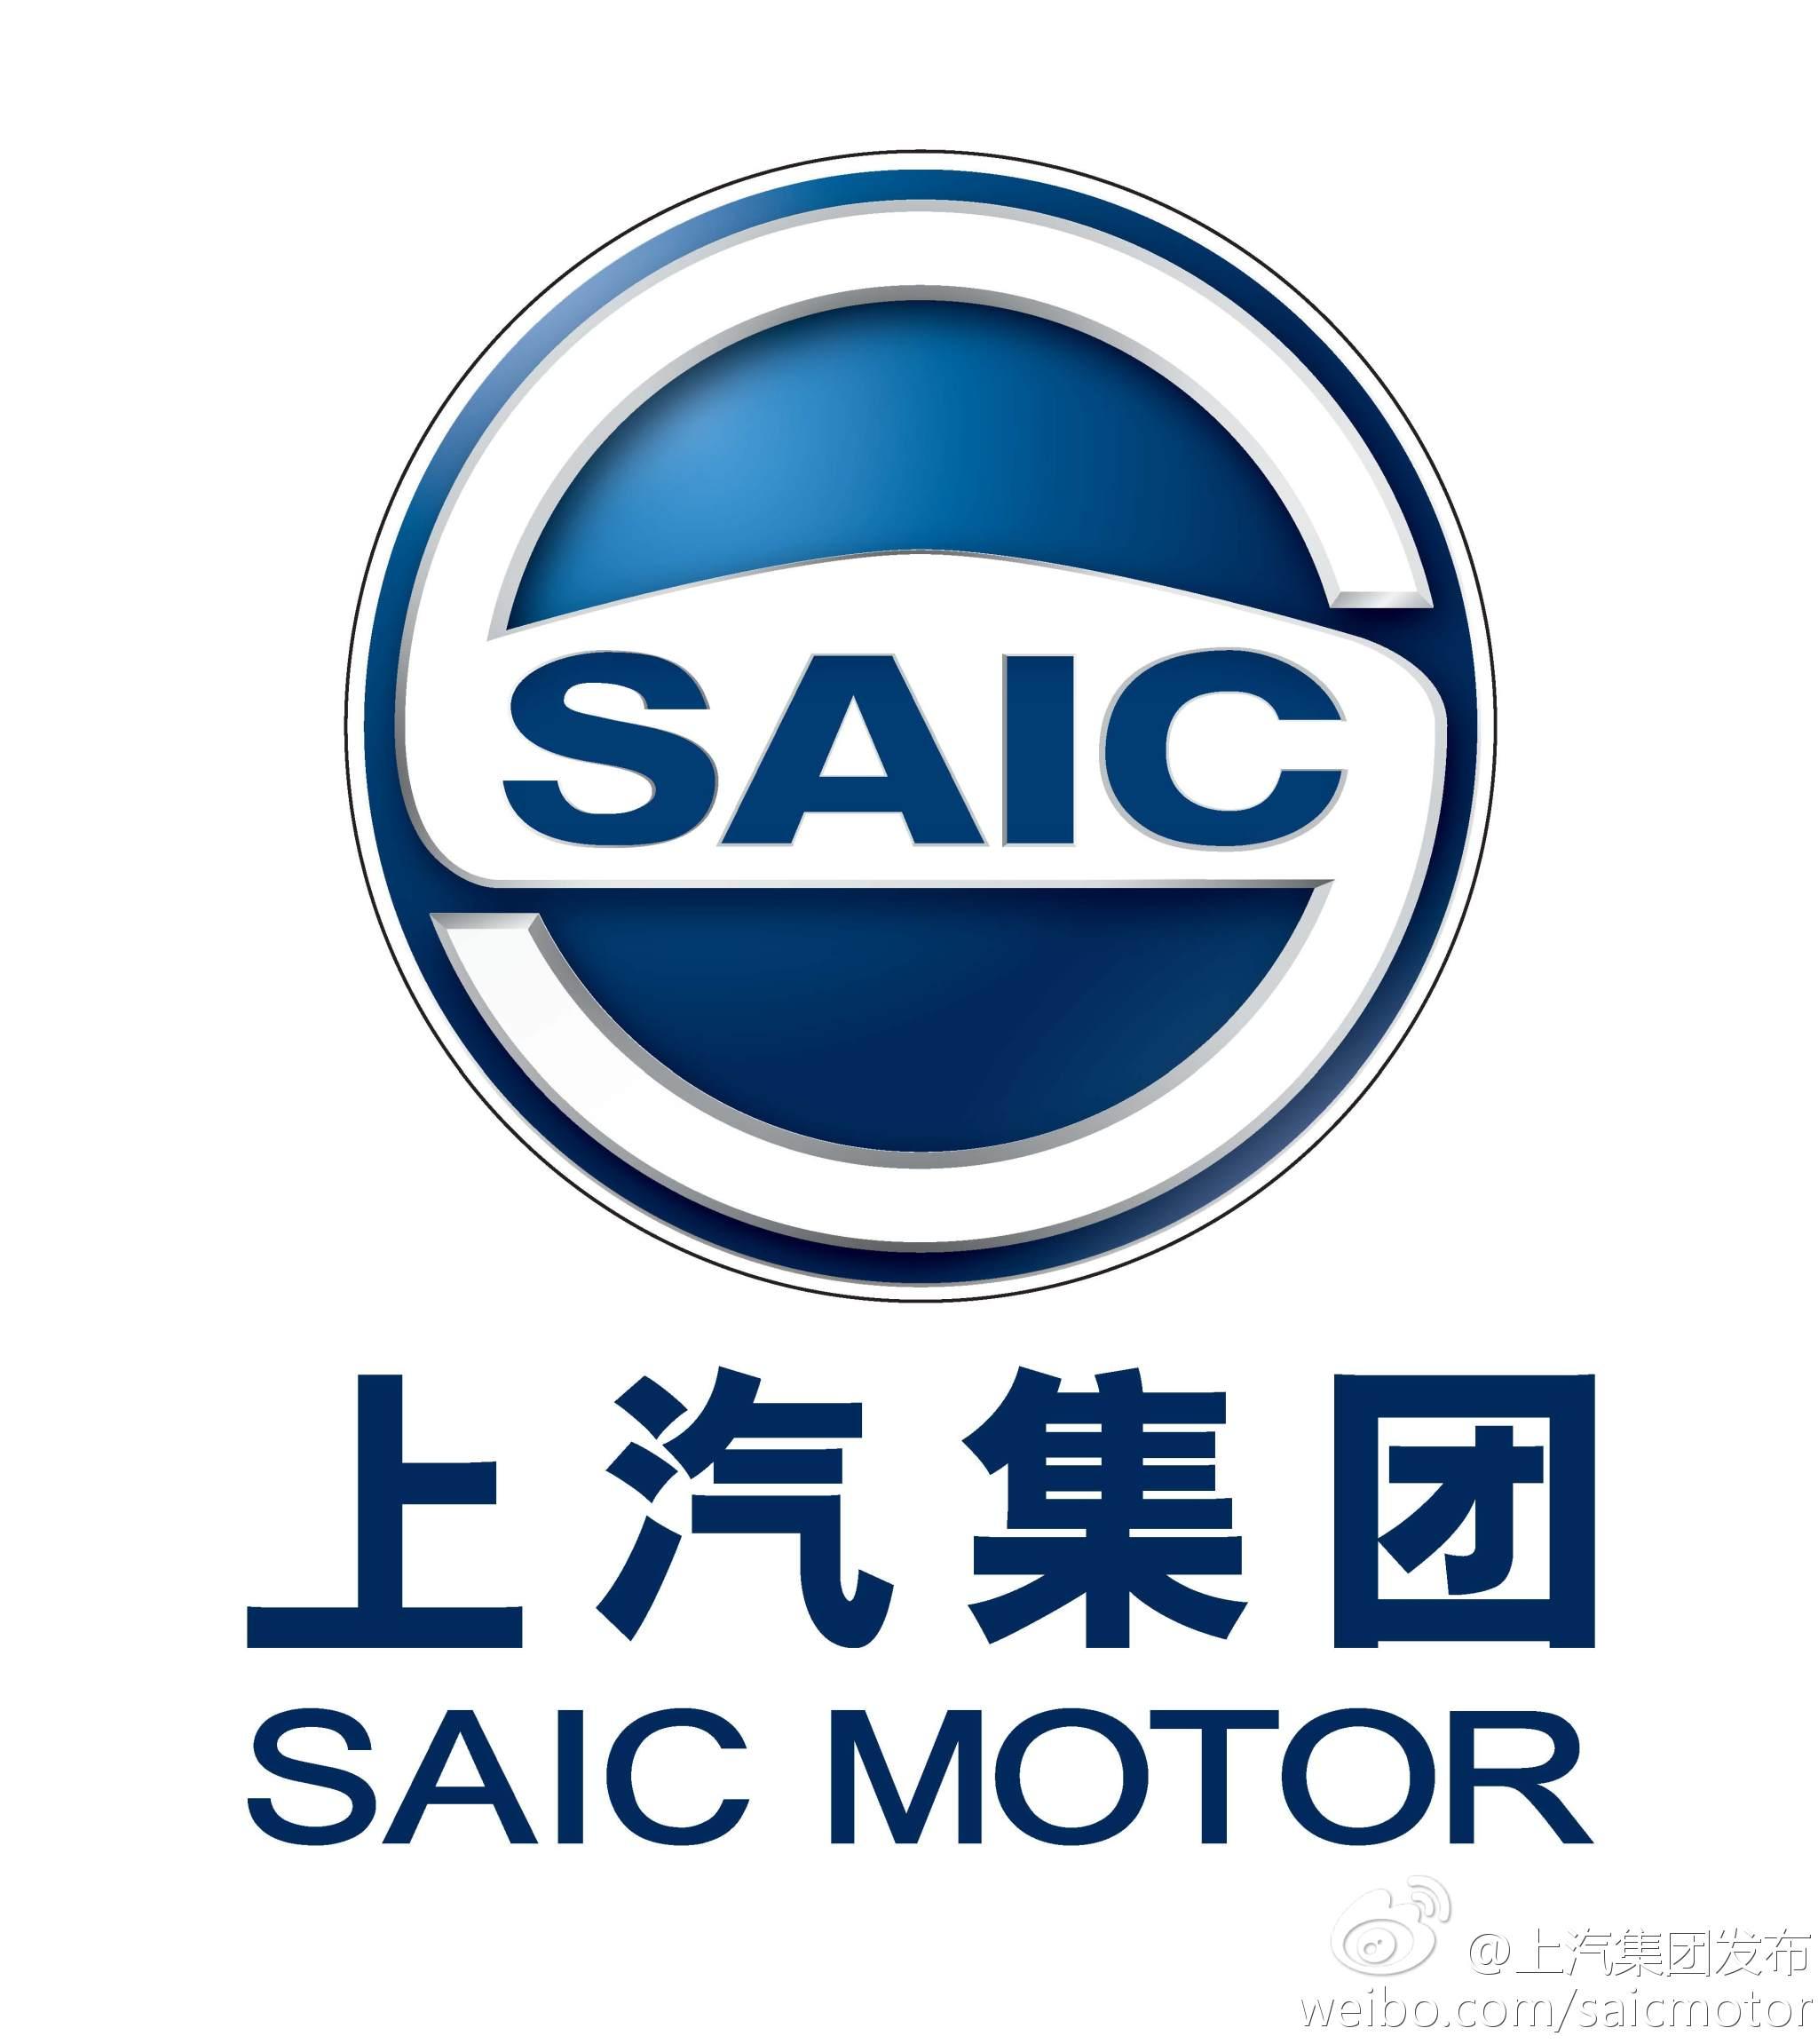 上海汽车集团股份有限公司乘用车公司郑州分公司招聘